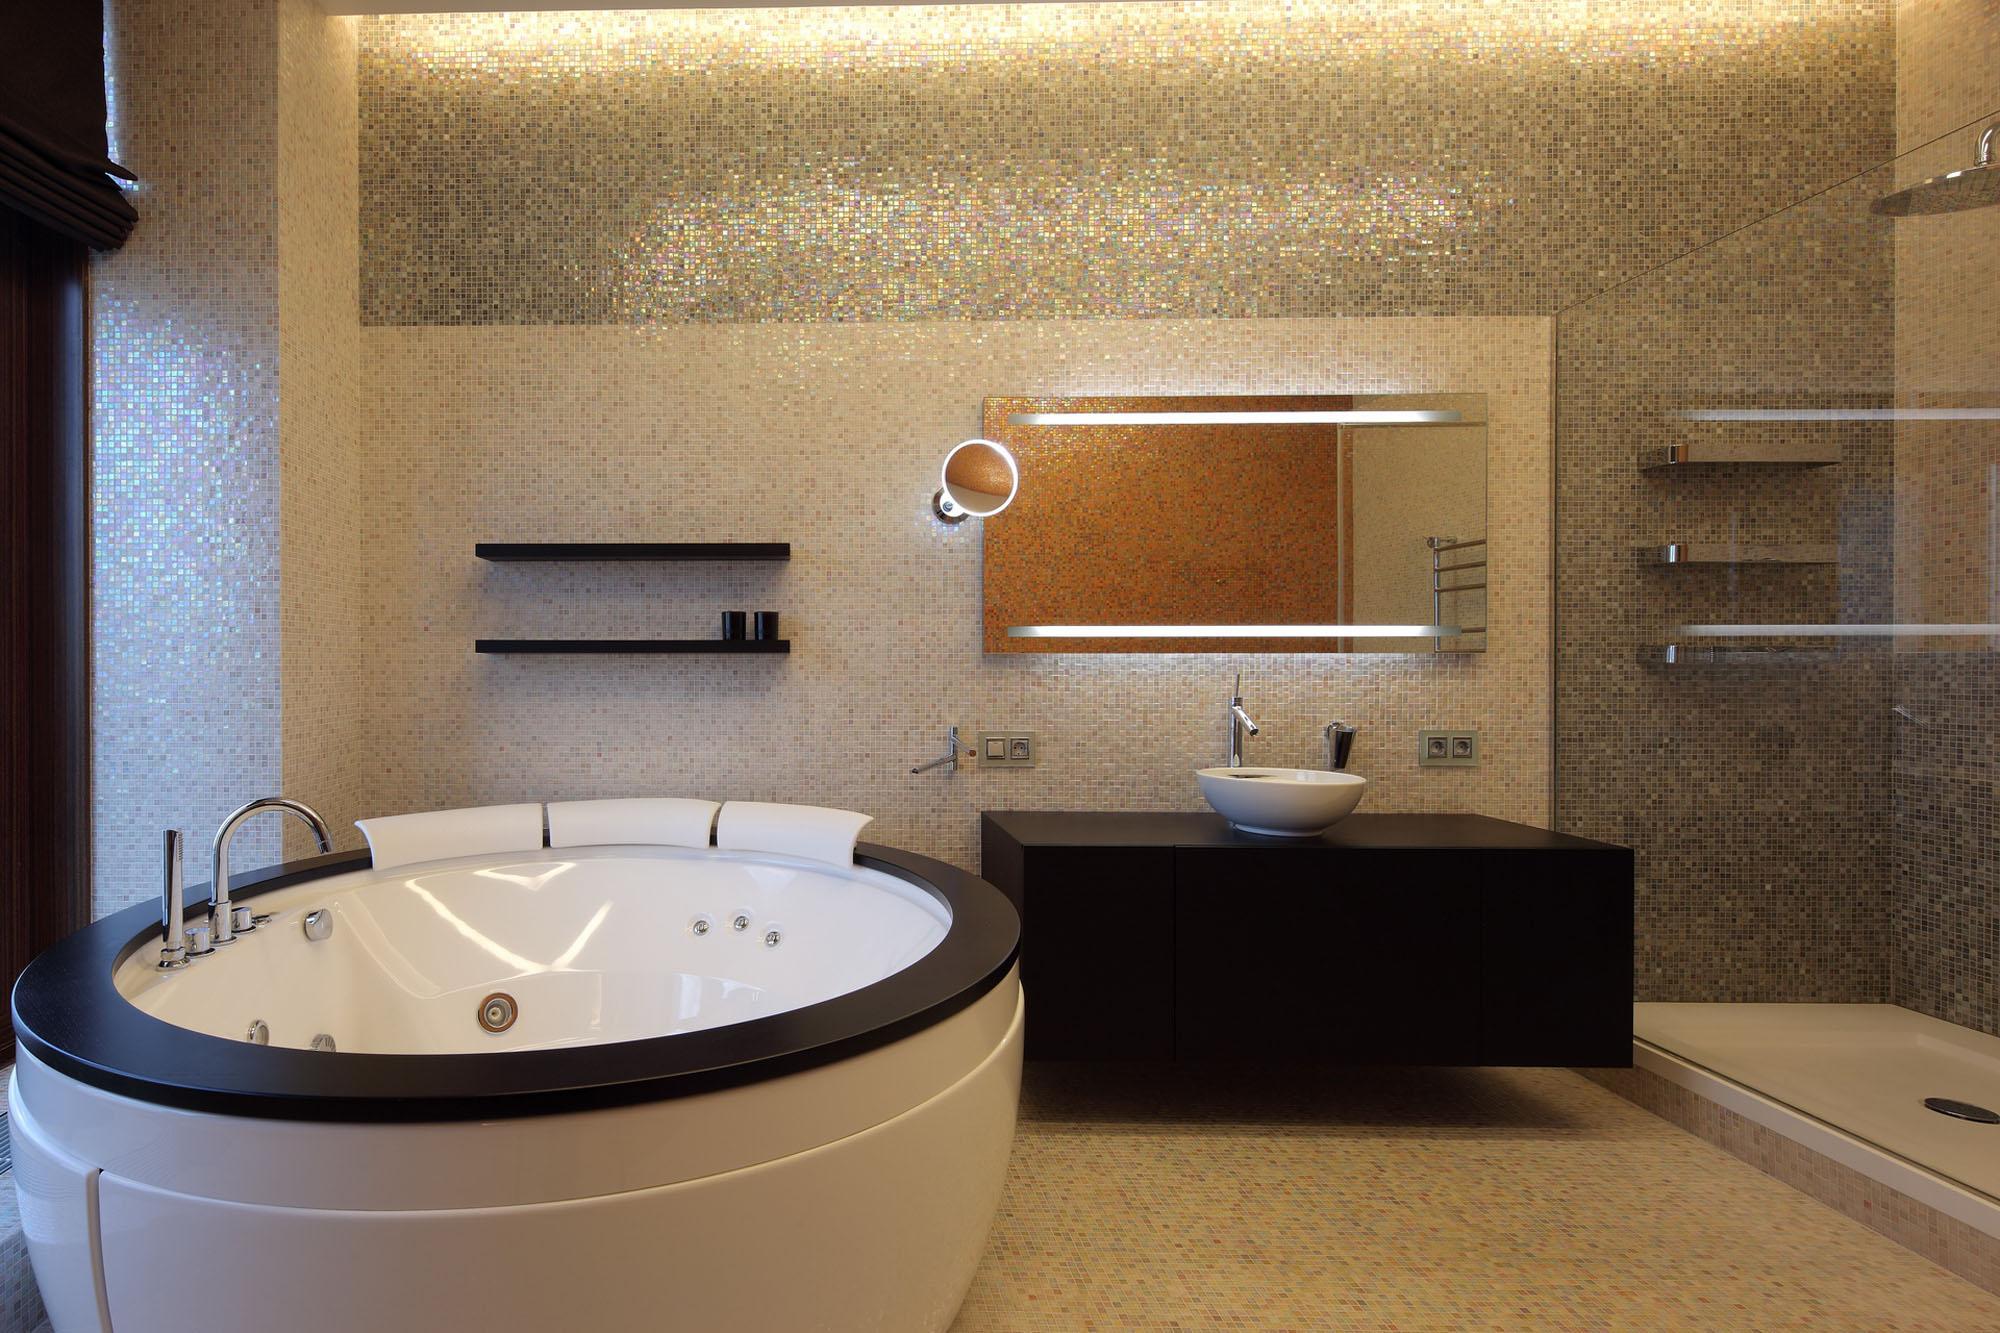 Ванная комната, полностью оформленная мозаикой